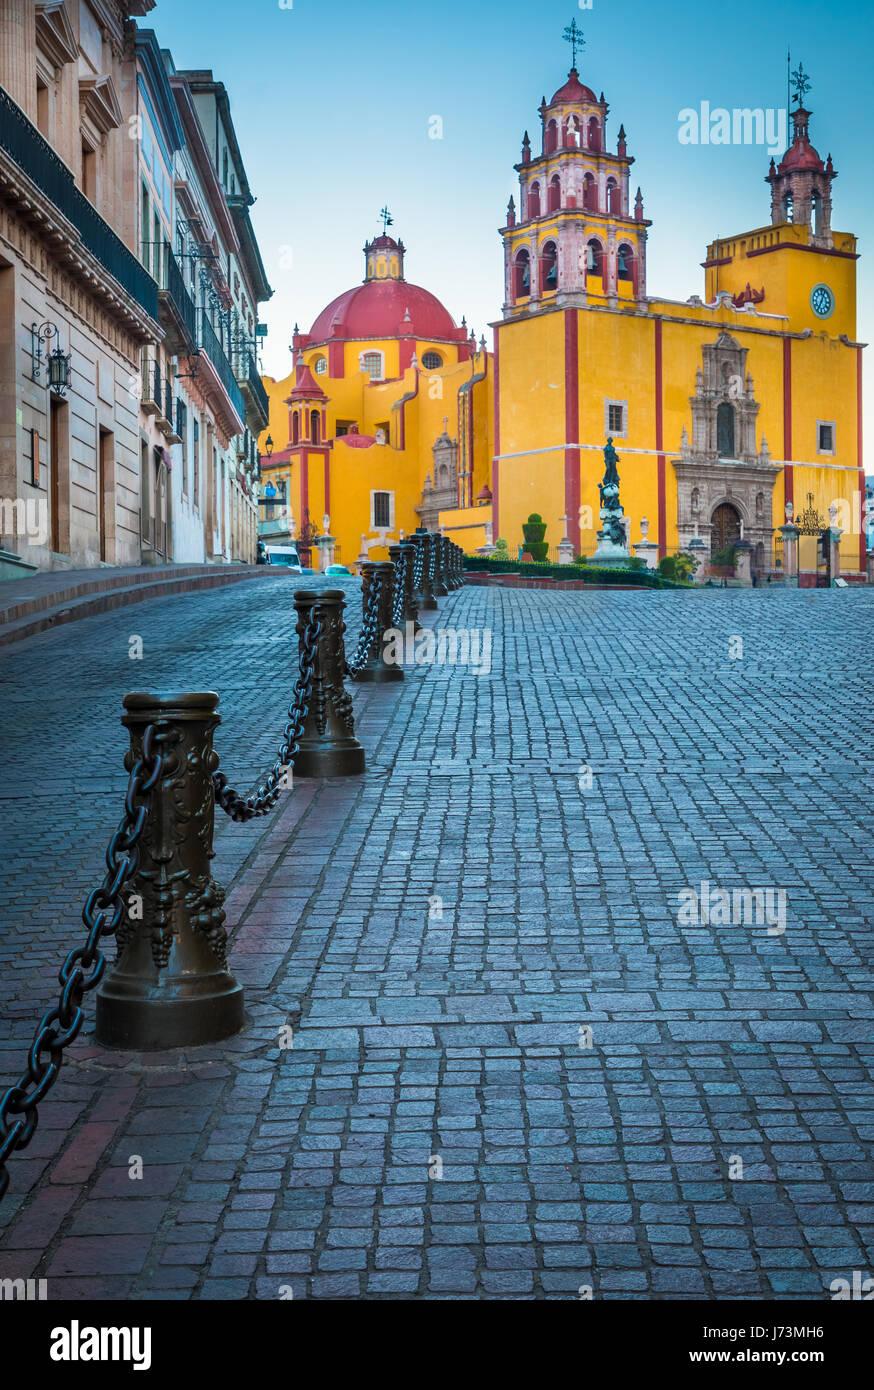 Basílica Colegiata de Nuestra Señora de Guanajuato es considerada una de las estructuras más emblemáticas Imagen De Stock